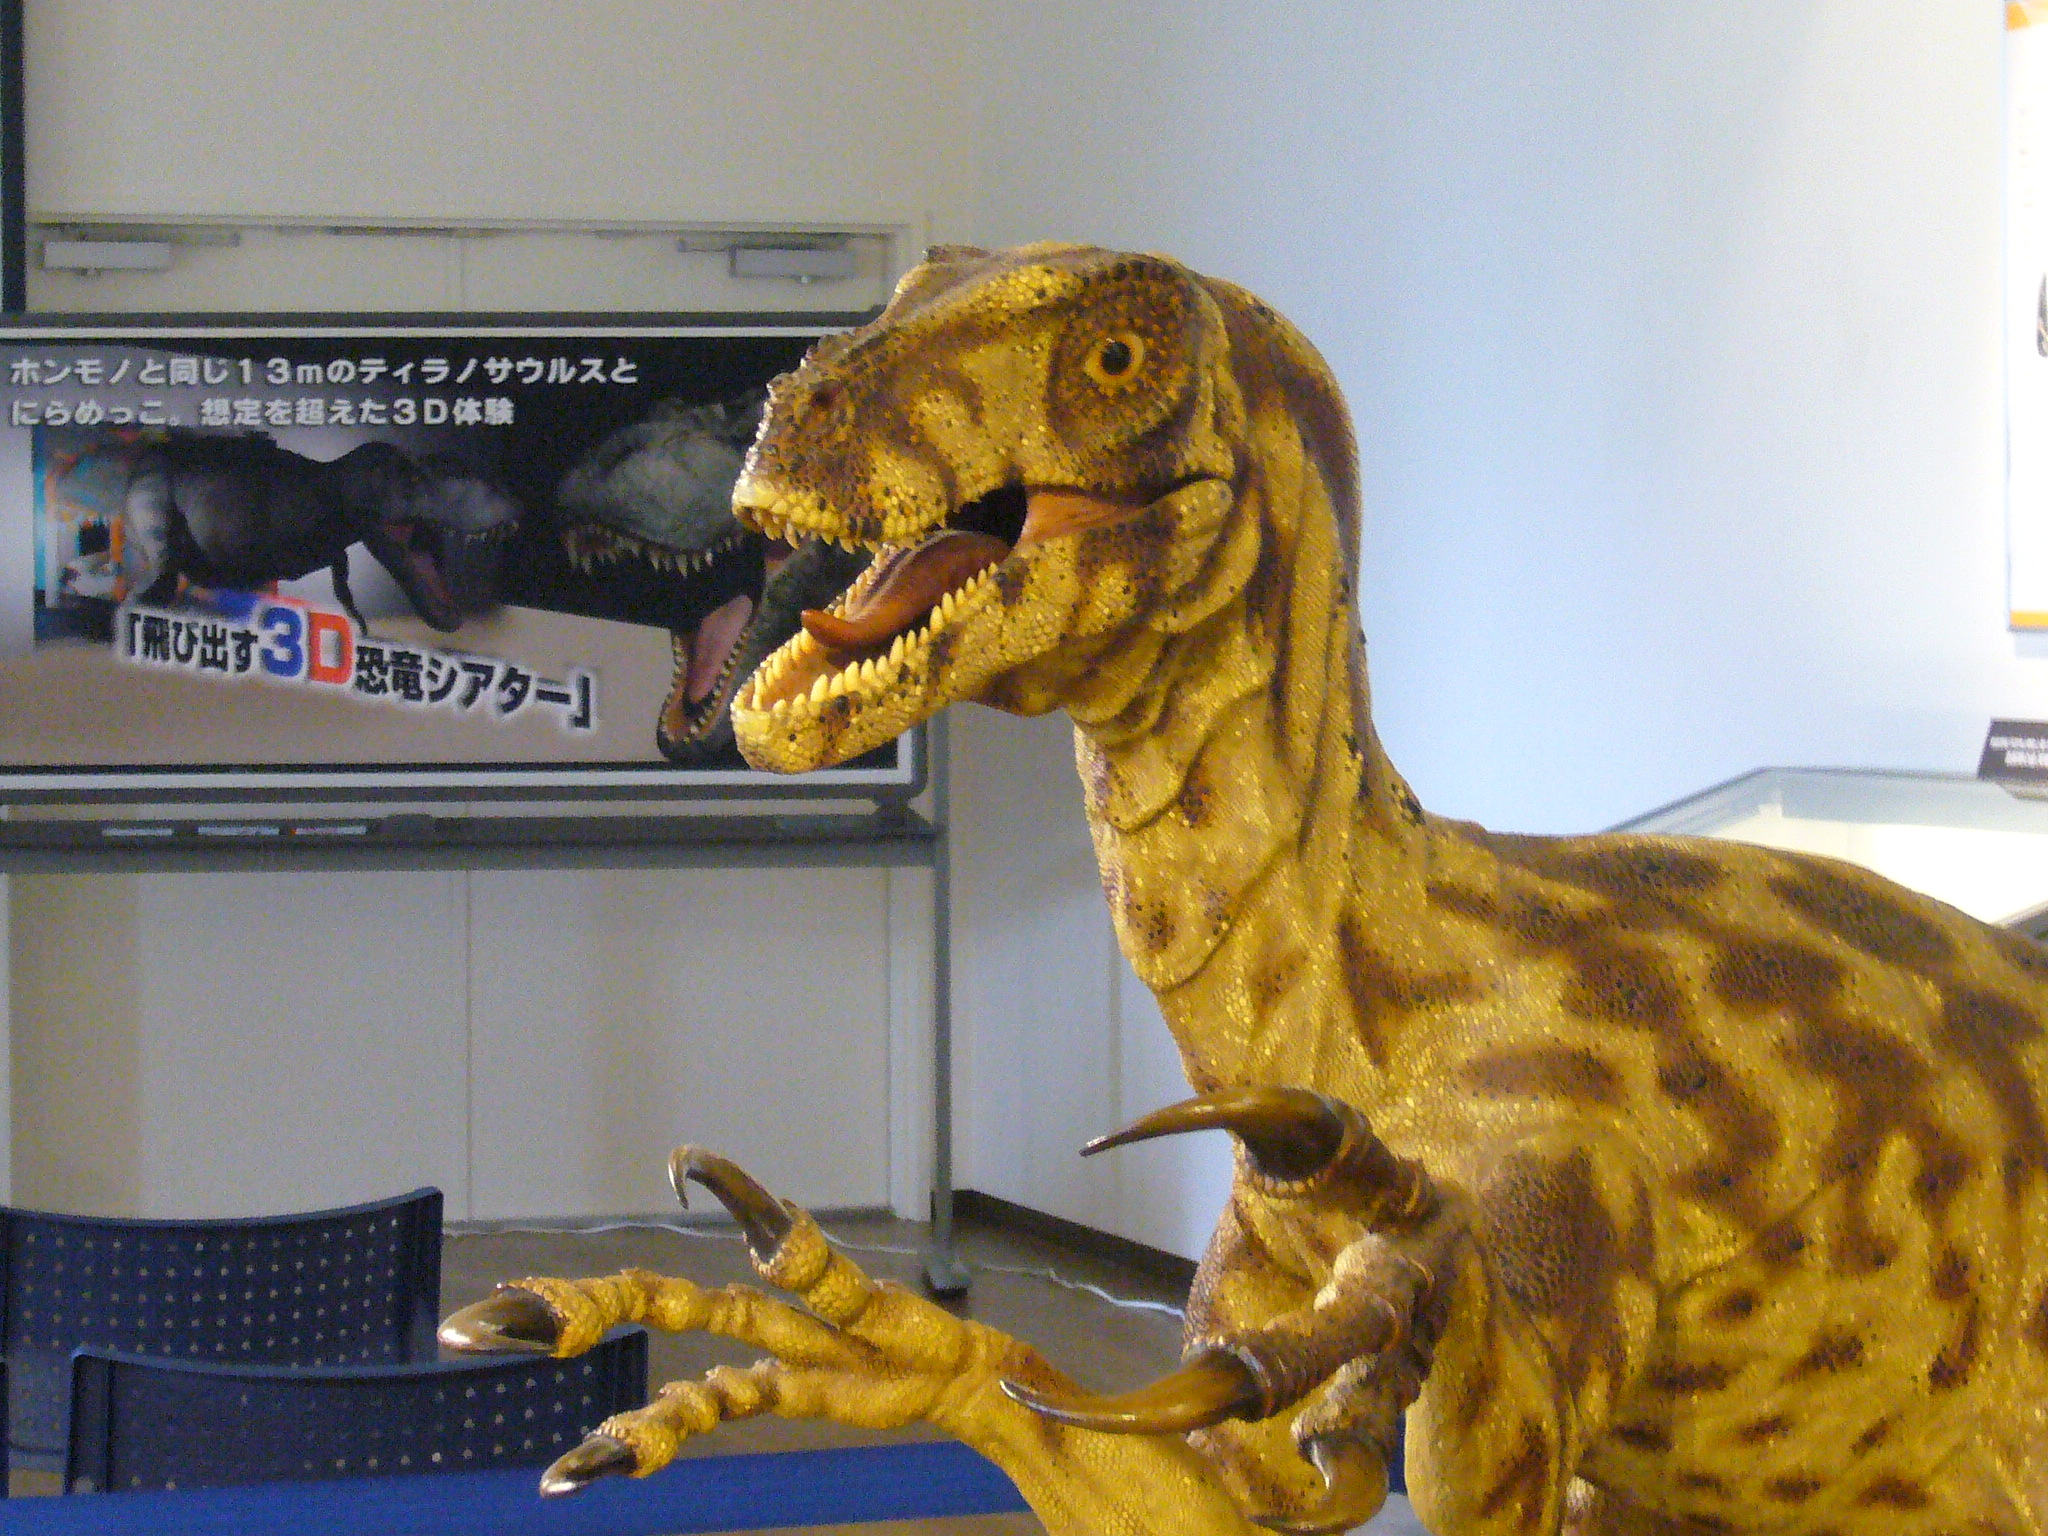 《告知》丹波竜化石工房ちーたんの館「夏休み!特別展開催中!!」